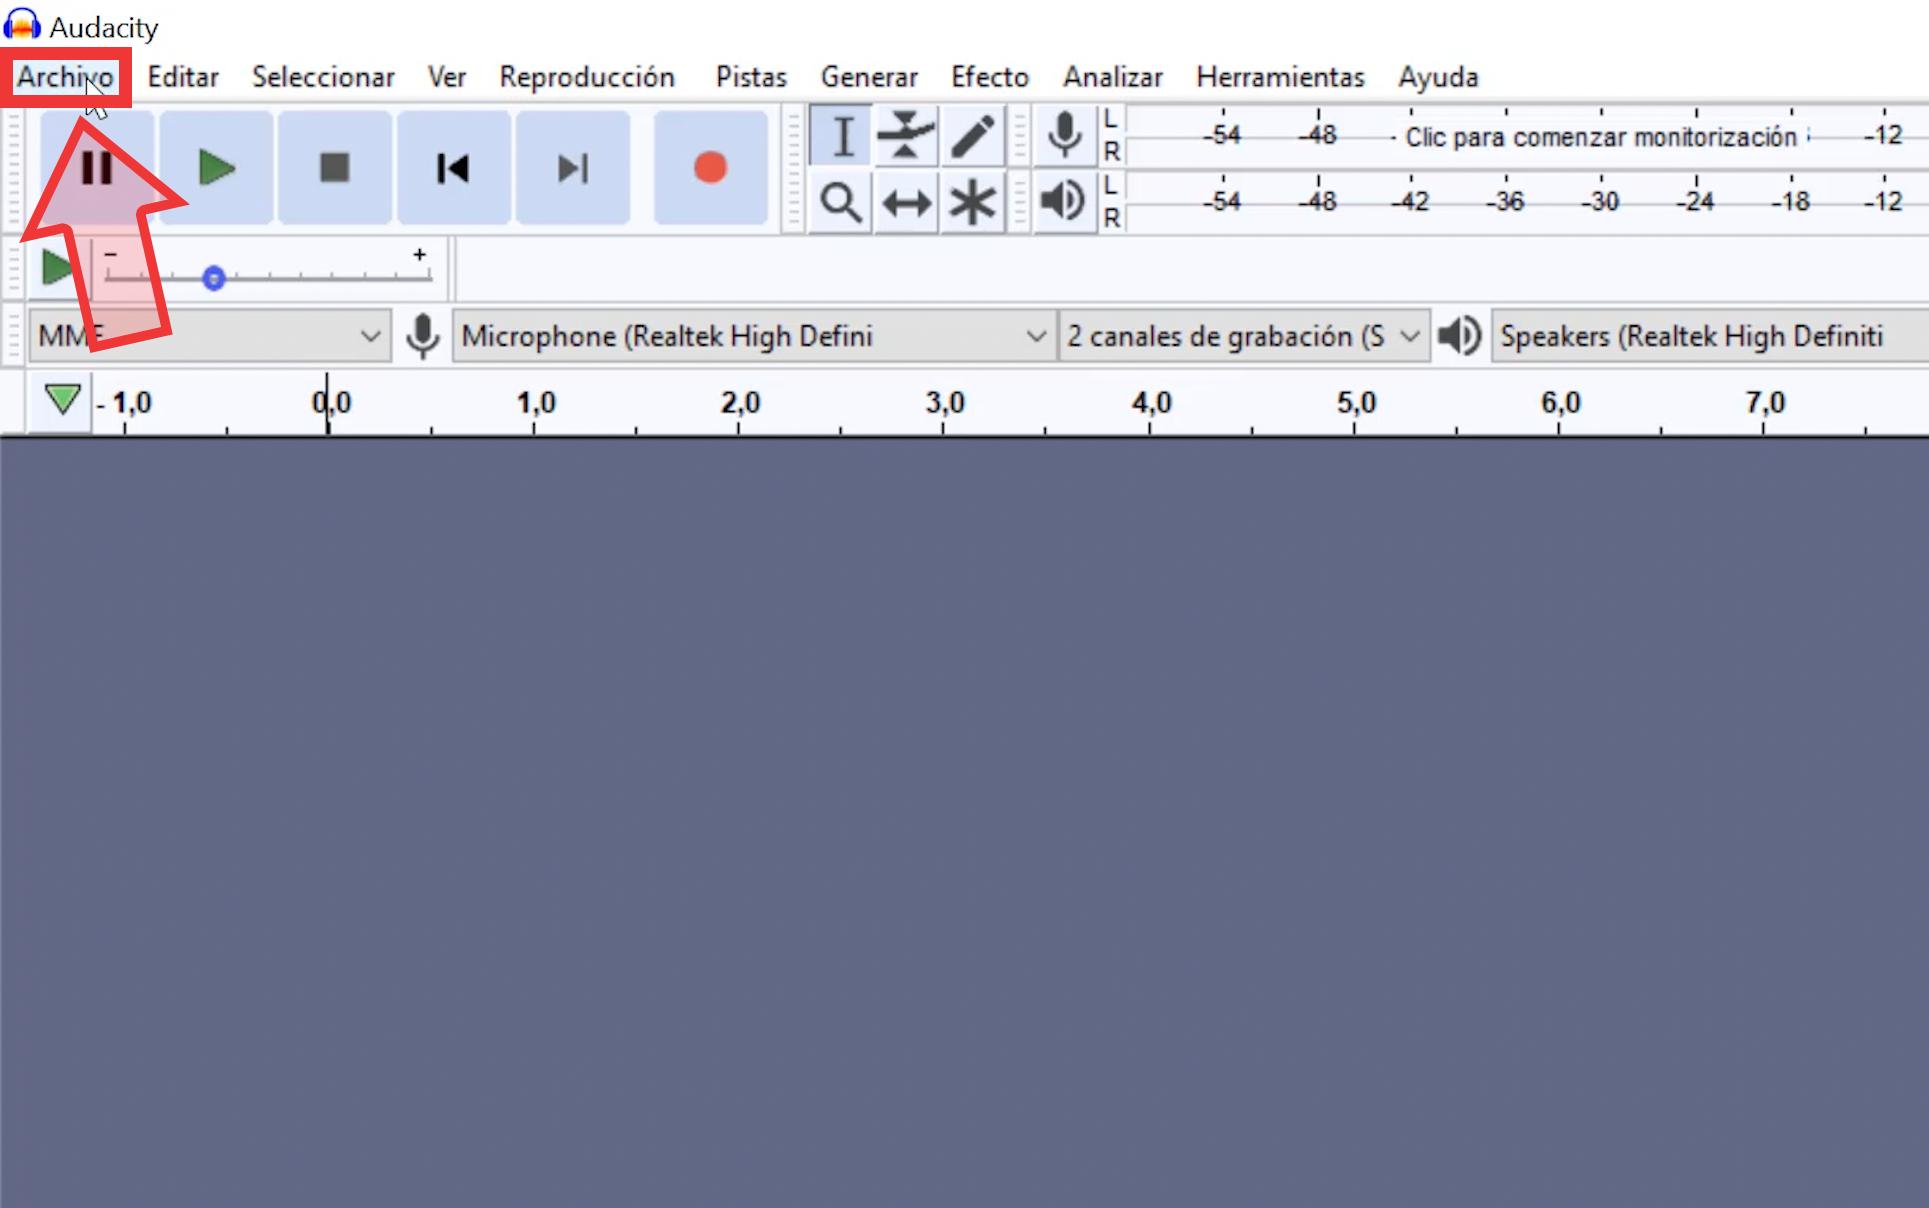 Una vez en Audacity, ubícate en la pestaña superior izquierda y selecciona la opción Archivo.